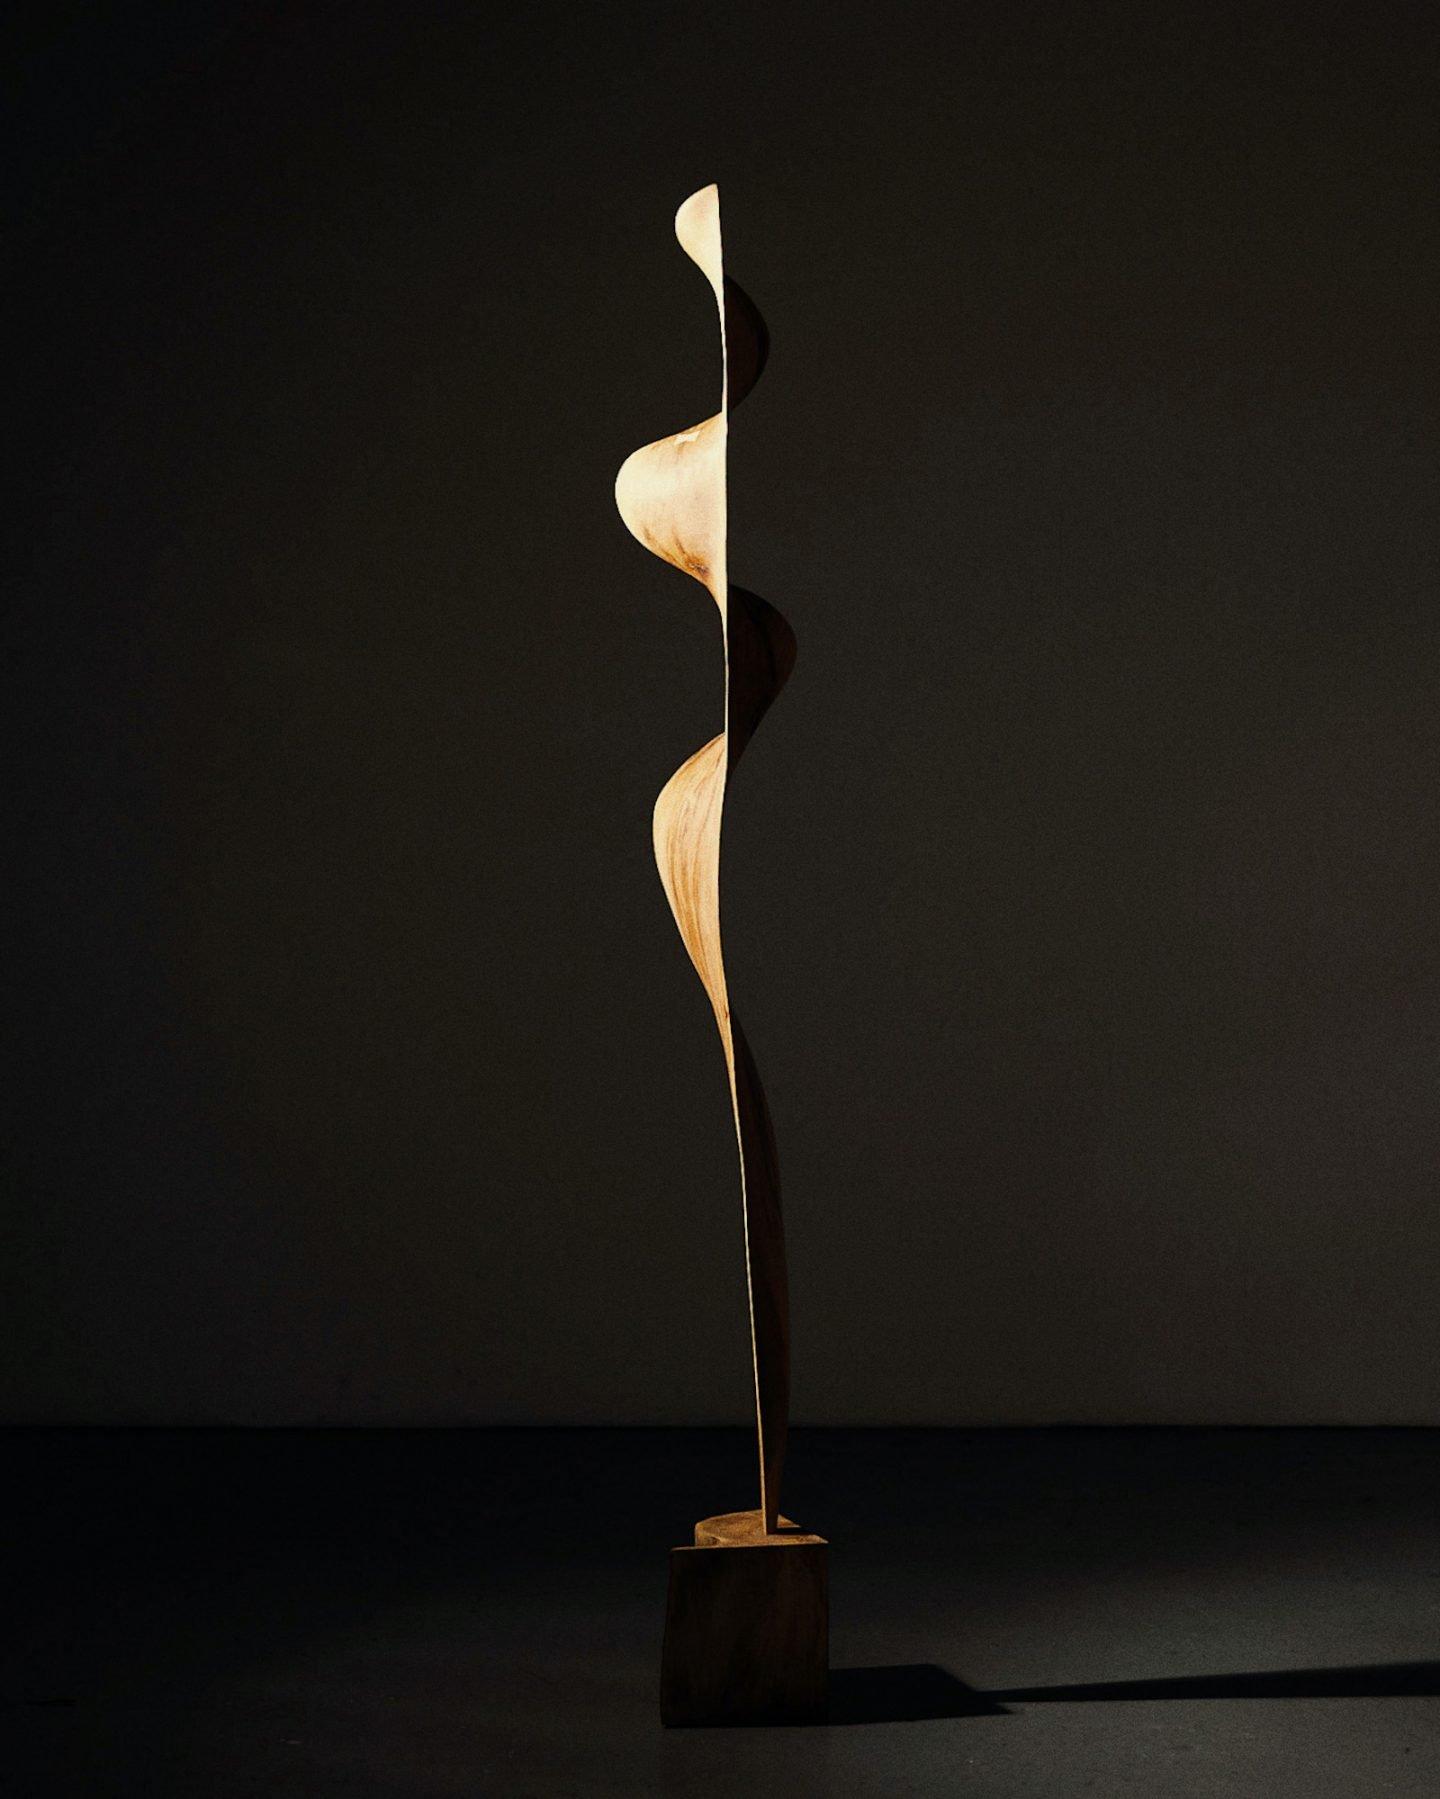 IGNANT-Design-Nicholas-Shurey-01